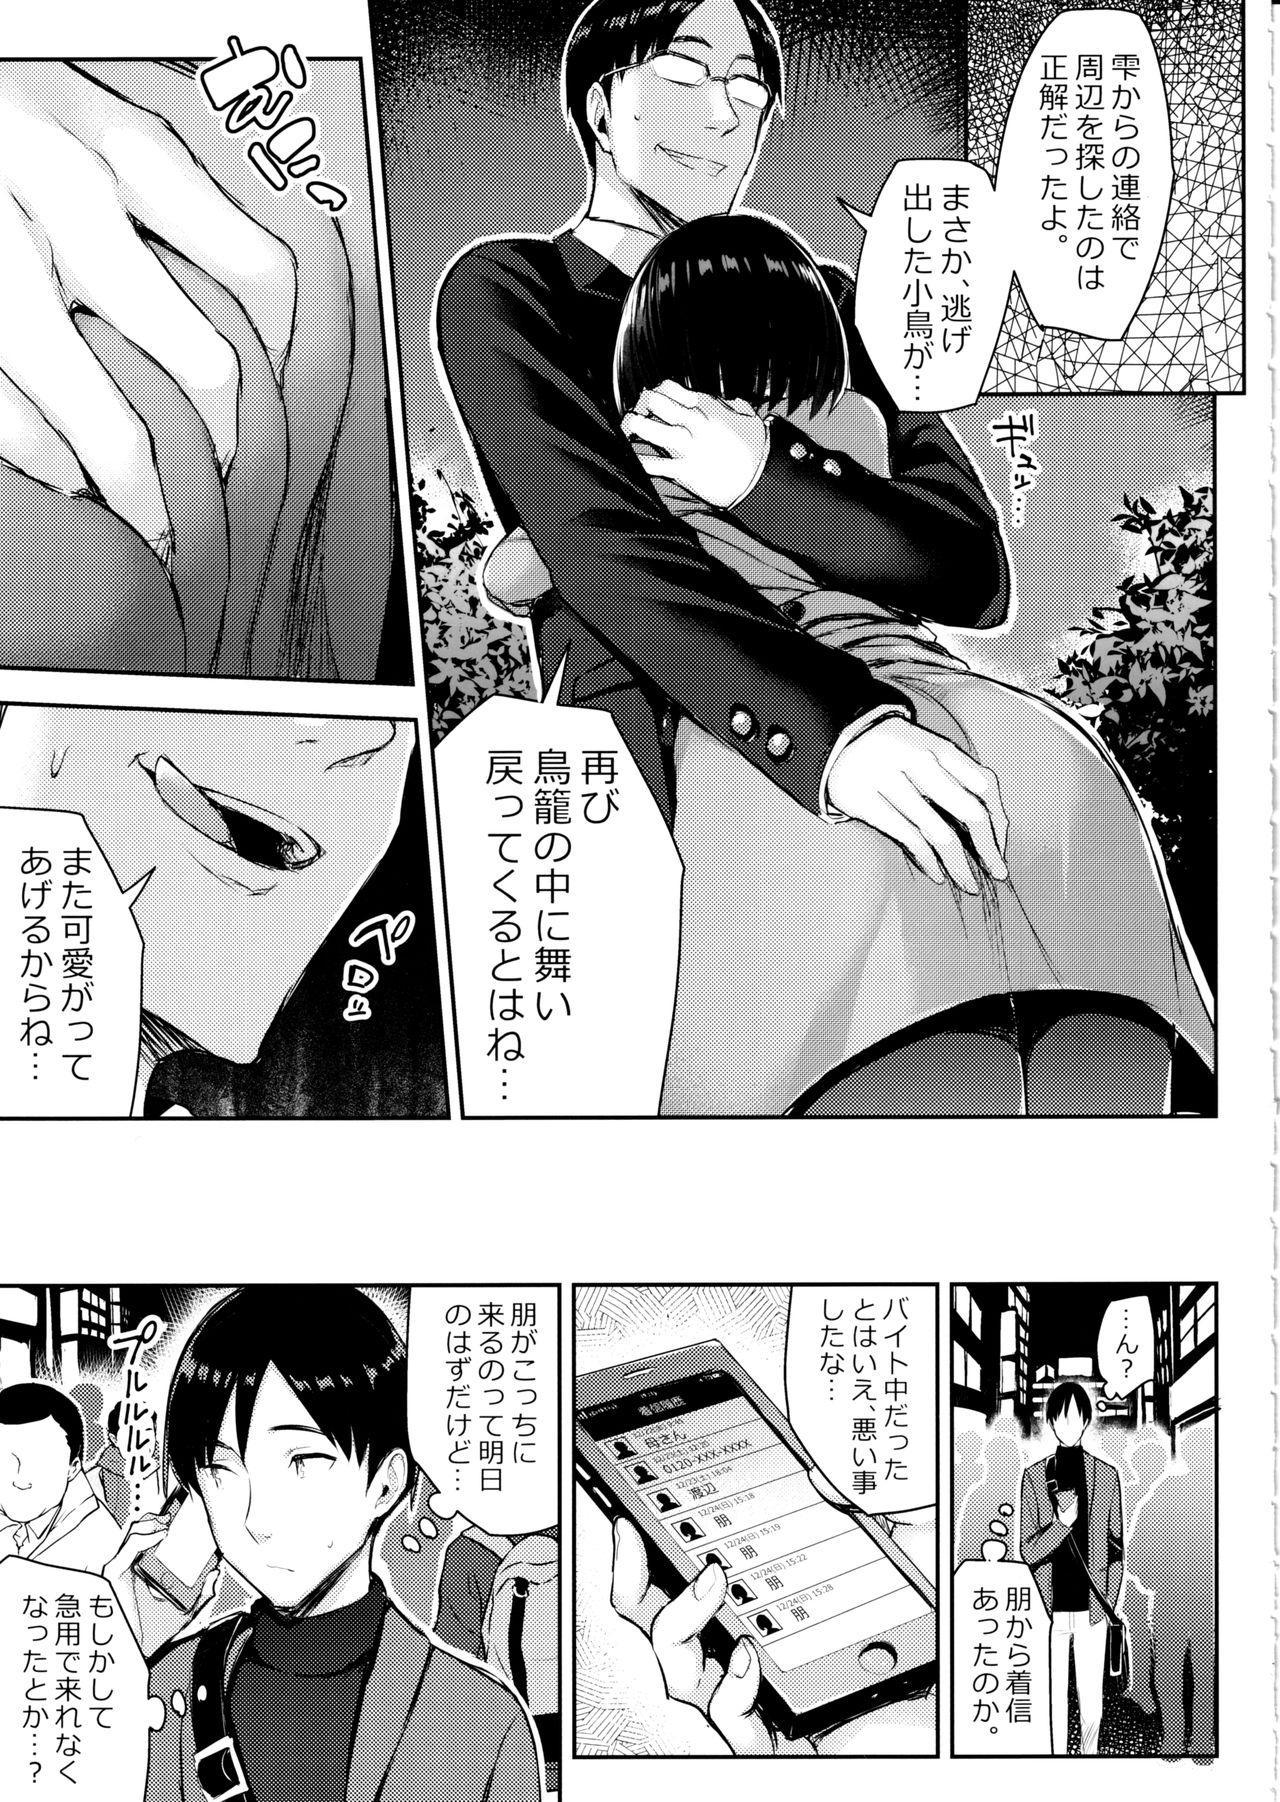 Kyonyuu Itoko ga Iru Kyuuka 3 6